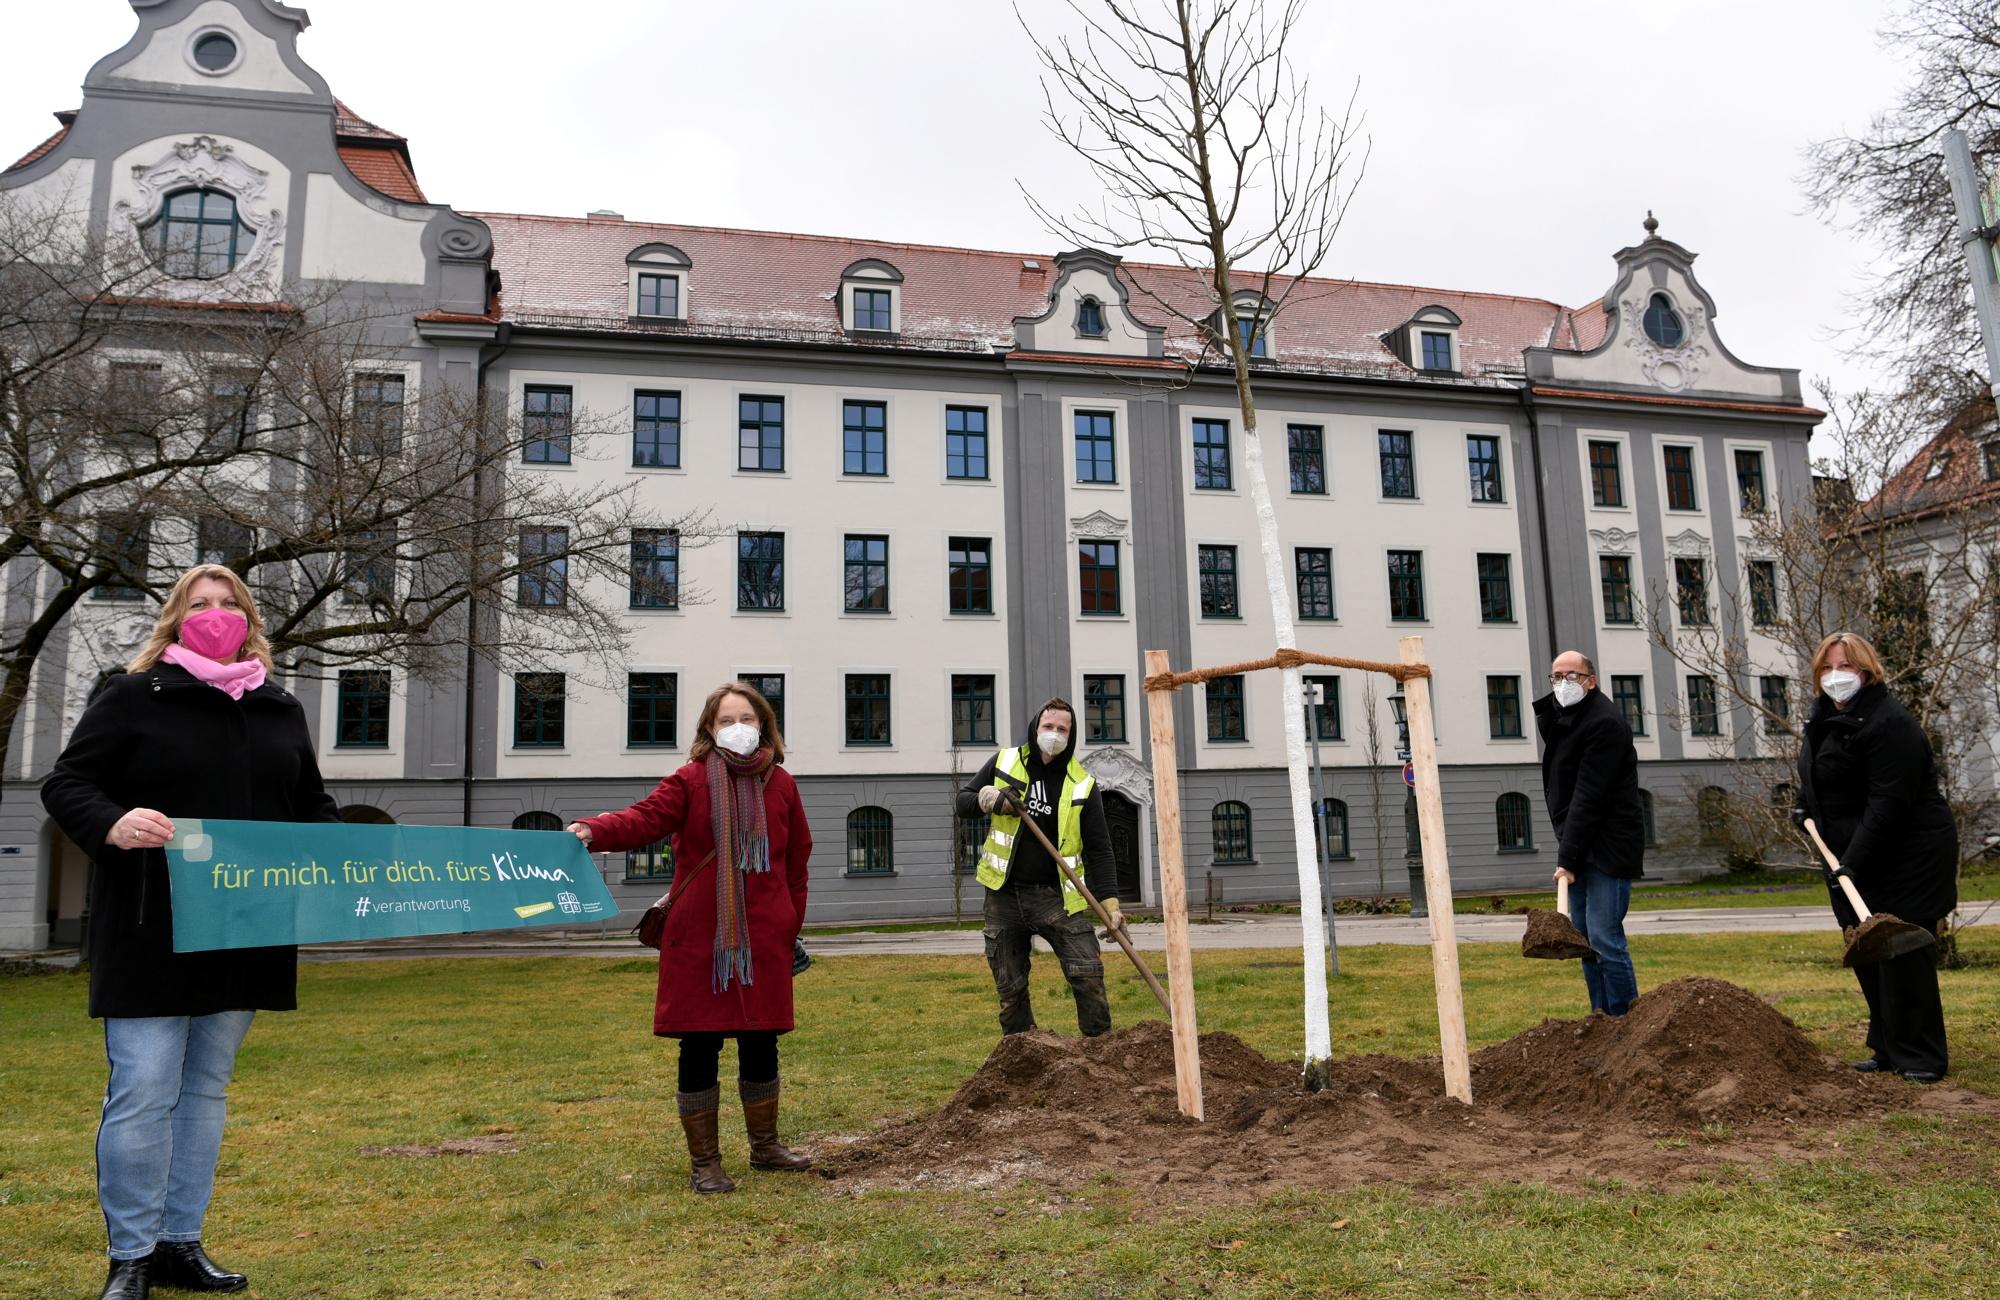 Umweltreferent Reiner Erben (2.v.r.), Amtsleiterin Anette Vedder (2.v. l.) sowie die KDFB Diözesanvorsitzenden Monika Knauer (rechts) und Ulrike Stowasser (links) freuen sich mit dem Mitarbeiter des Amtes für Grünordnung (Mitte) über den Amberbaum. (Foto: KDFB)